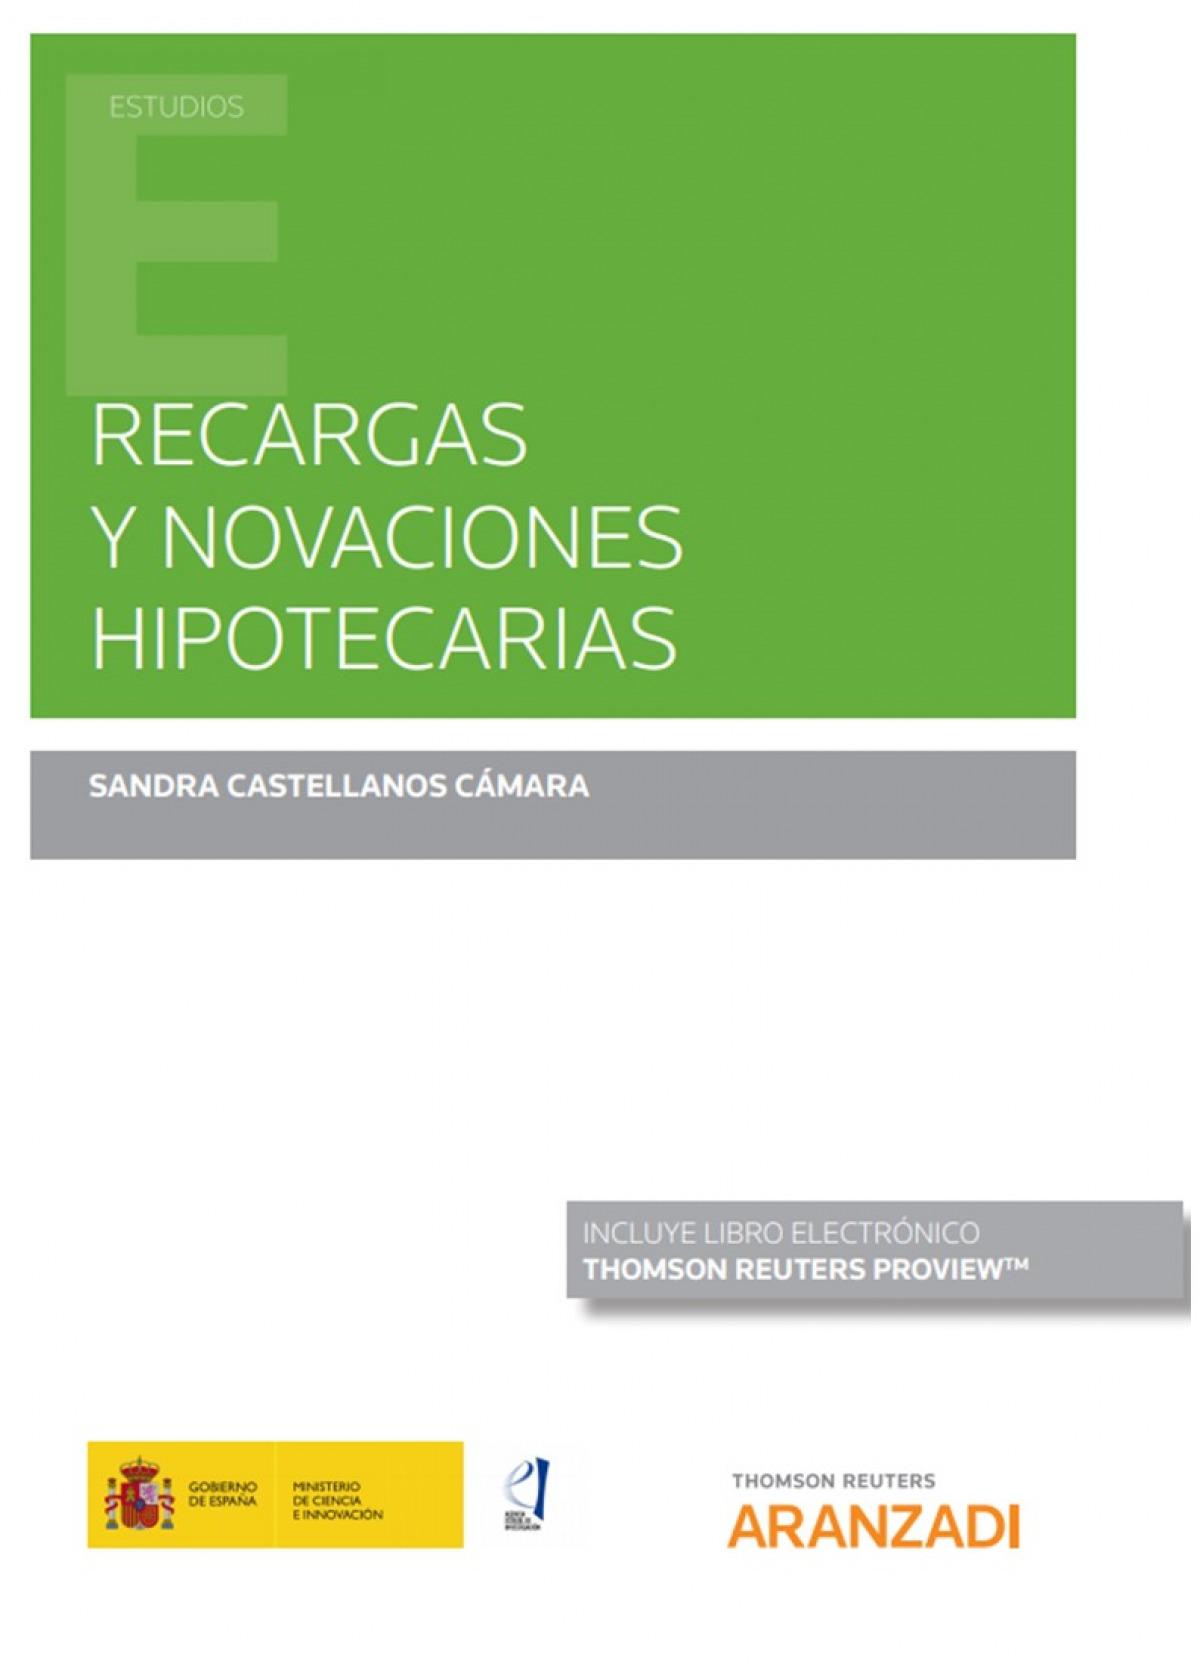 RECARGAS Y NOVACIONES HIPOTECARIAS DUO